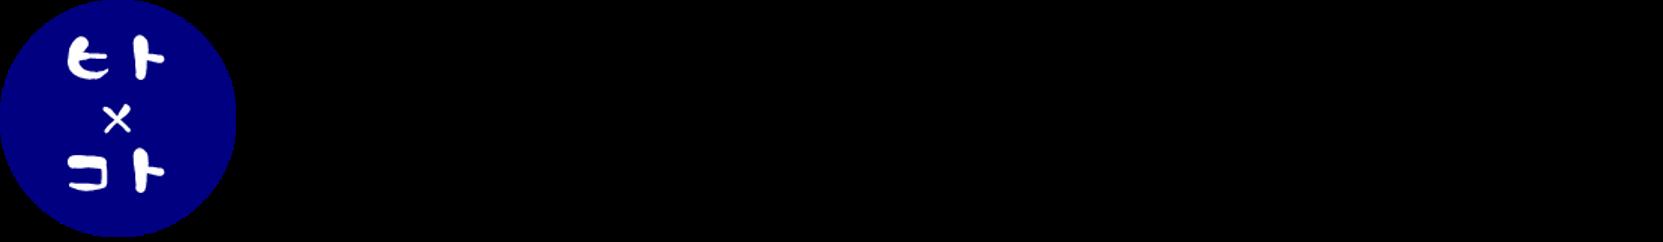 ヒトコトデザイン:hitokotoDesign.jp